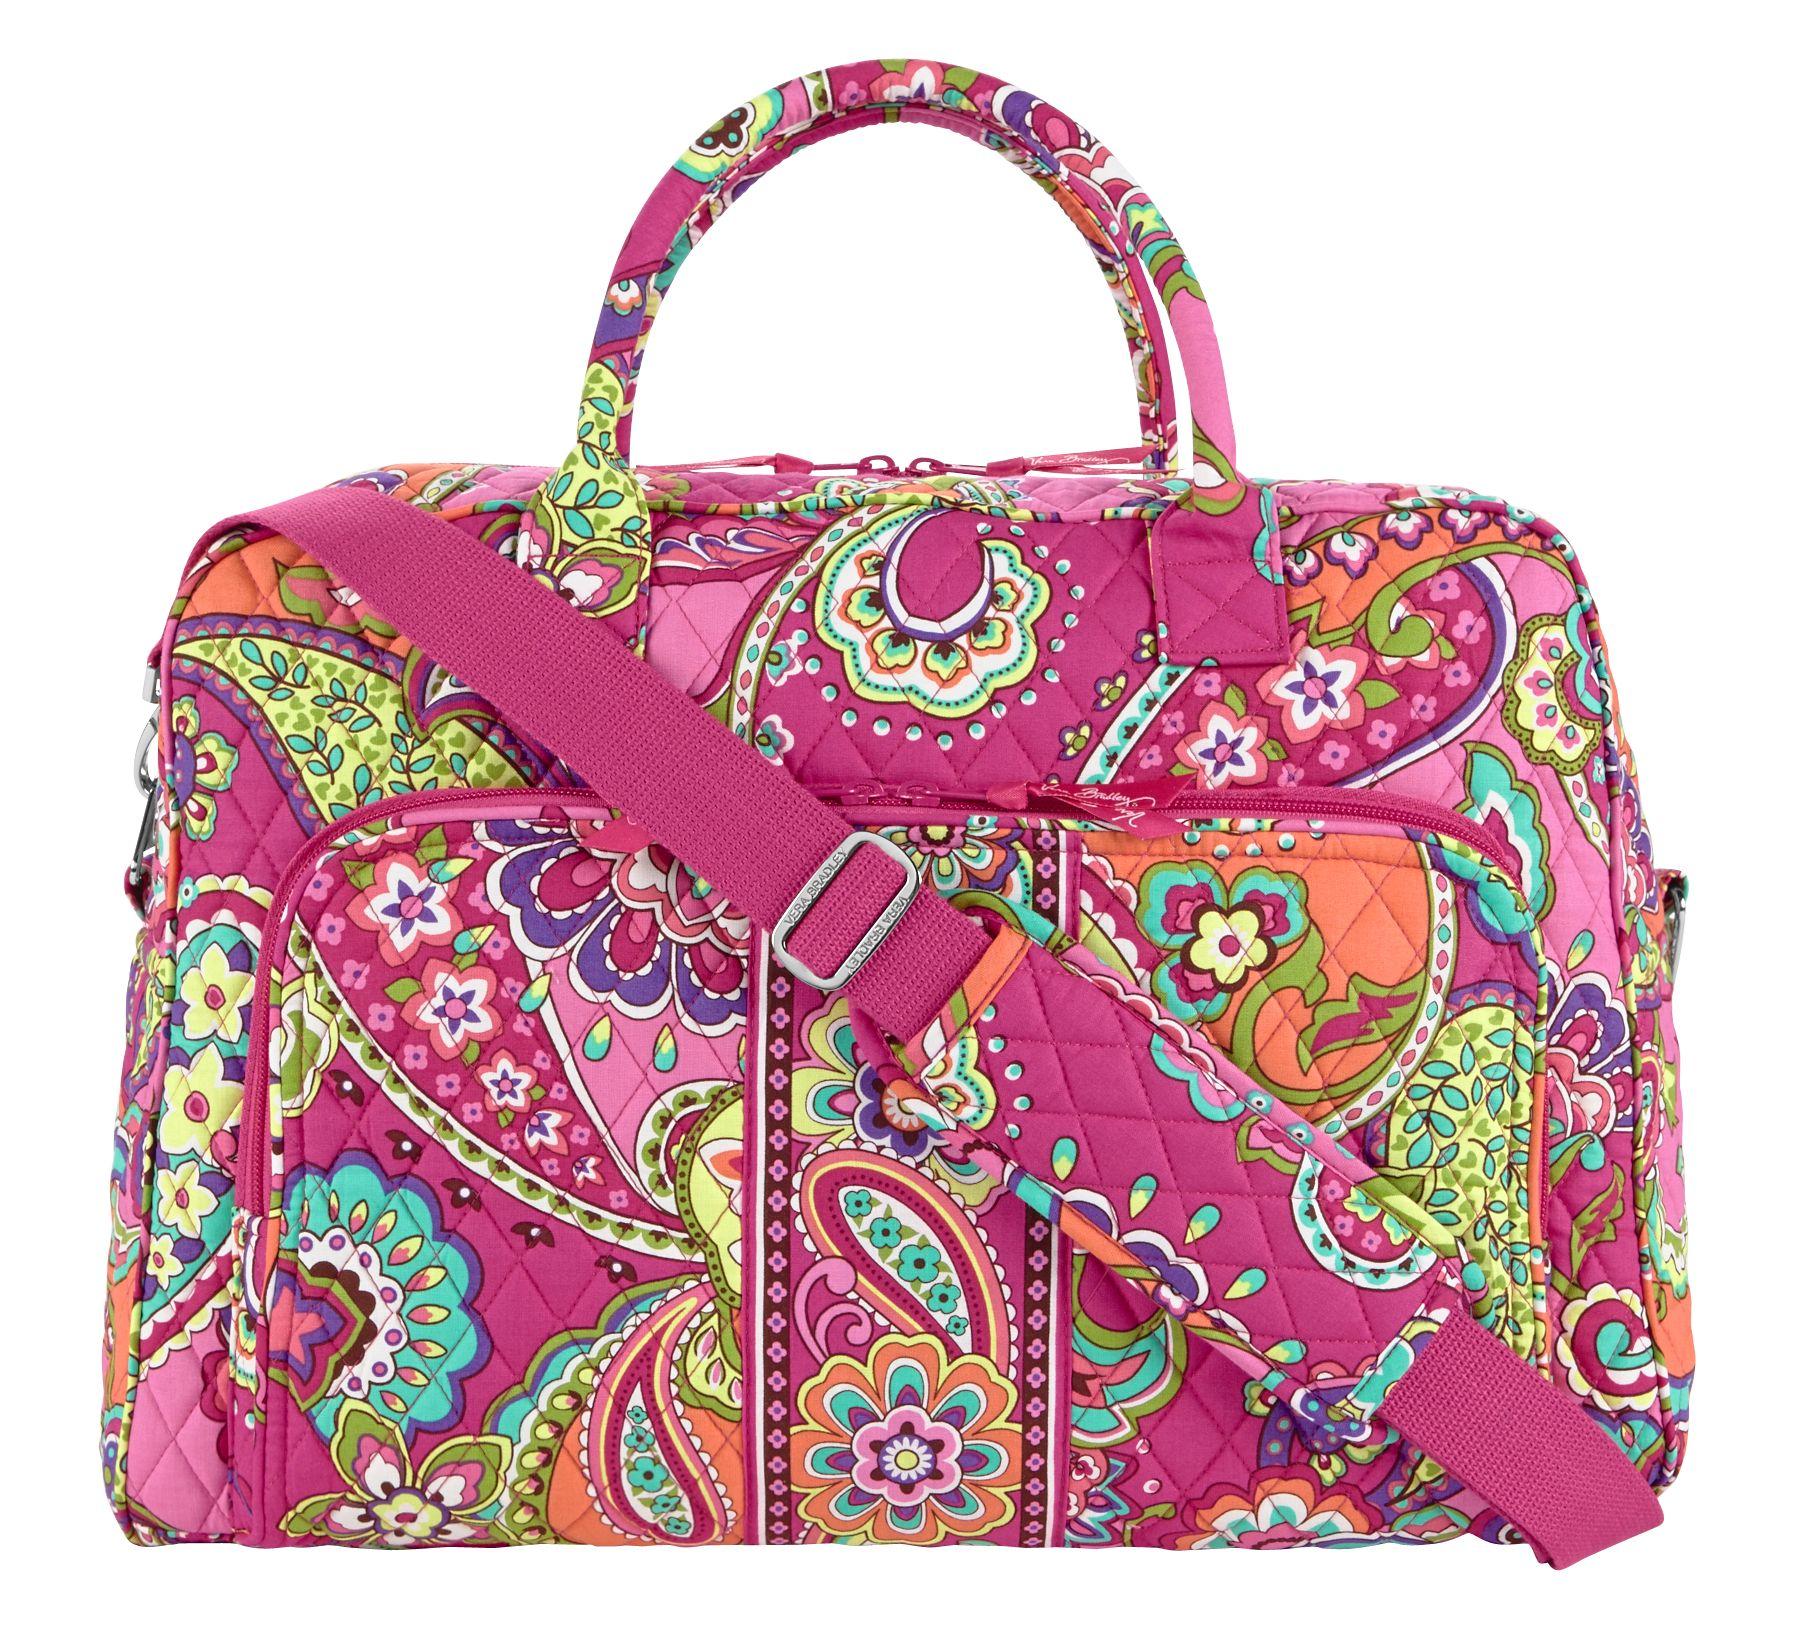 Vera Bradley Weekender Travel Bag in Pink Swirls